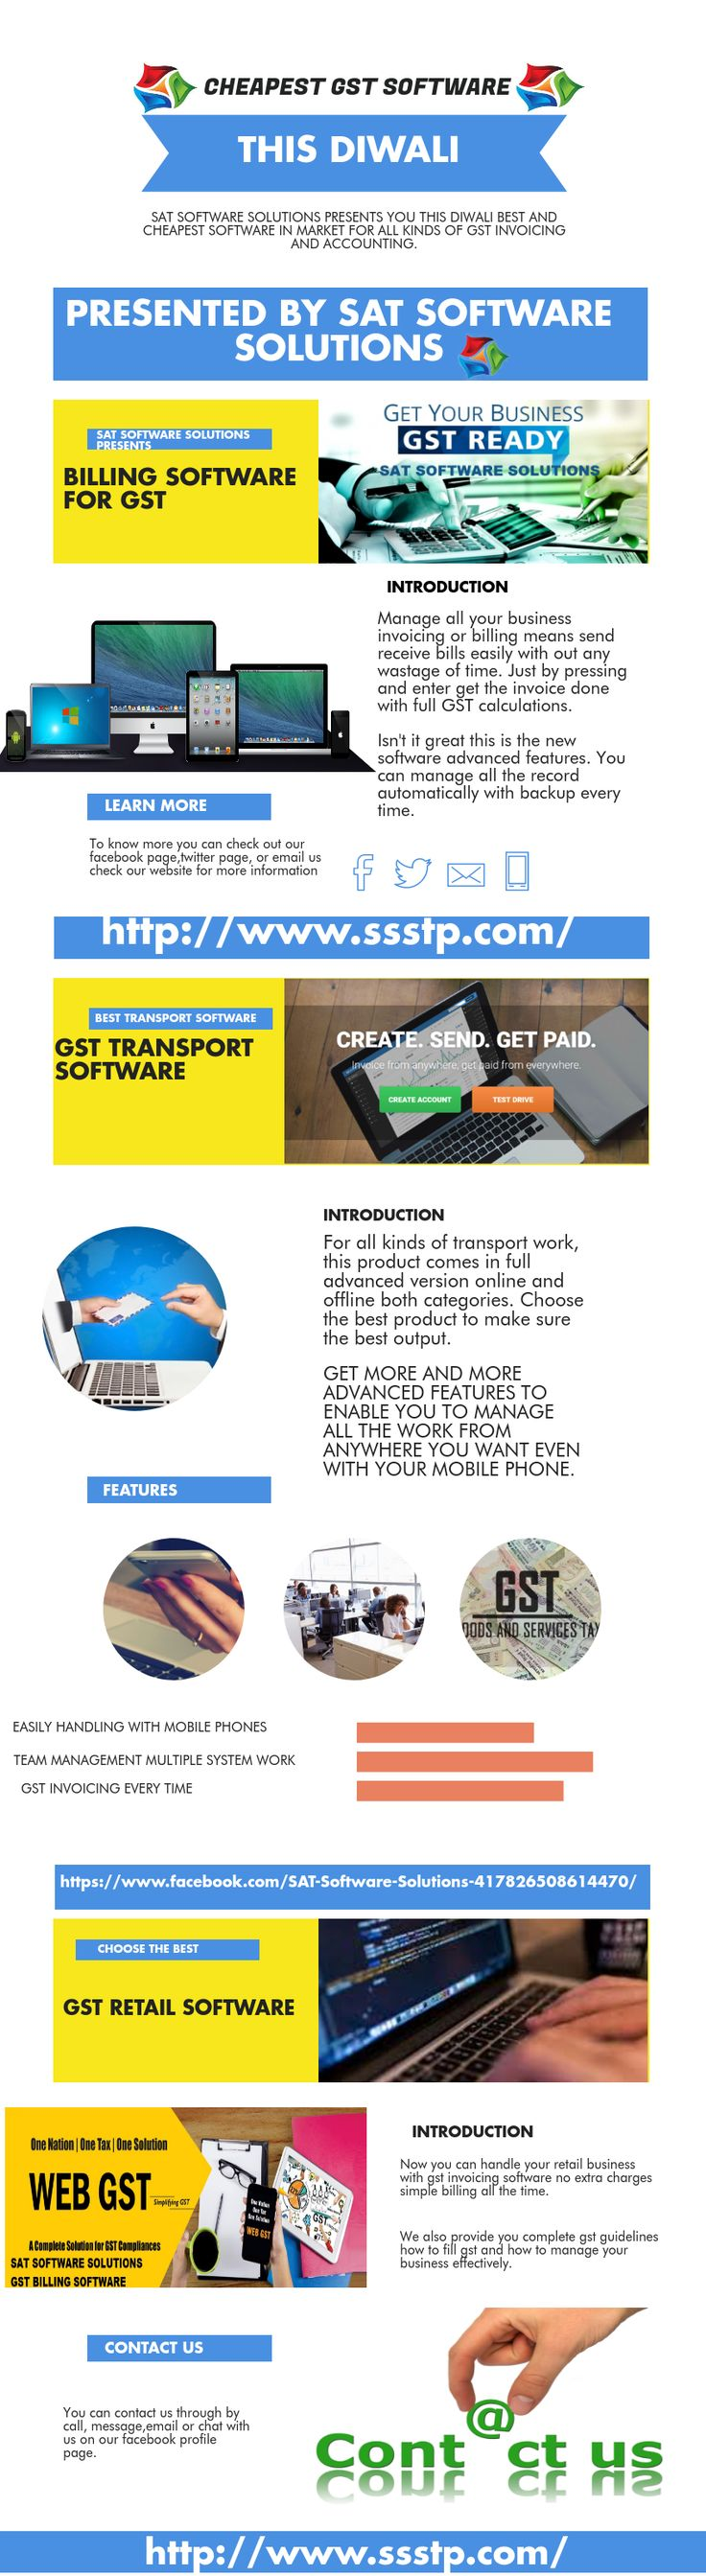 Best GST BILLING SOFTWARE Images On Pinterest Business - Invoice billing software free download full version online tile store